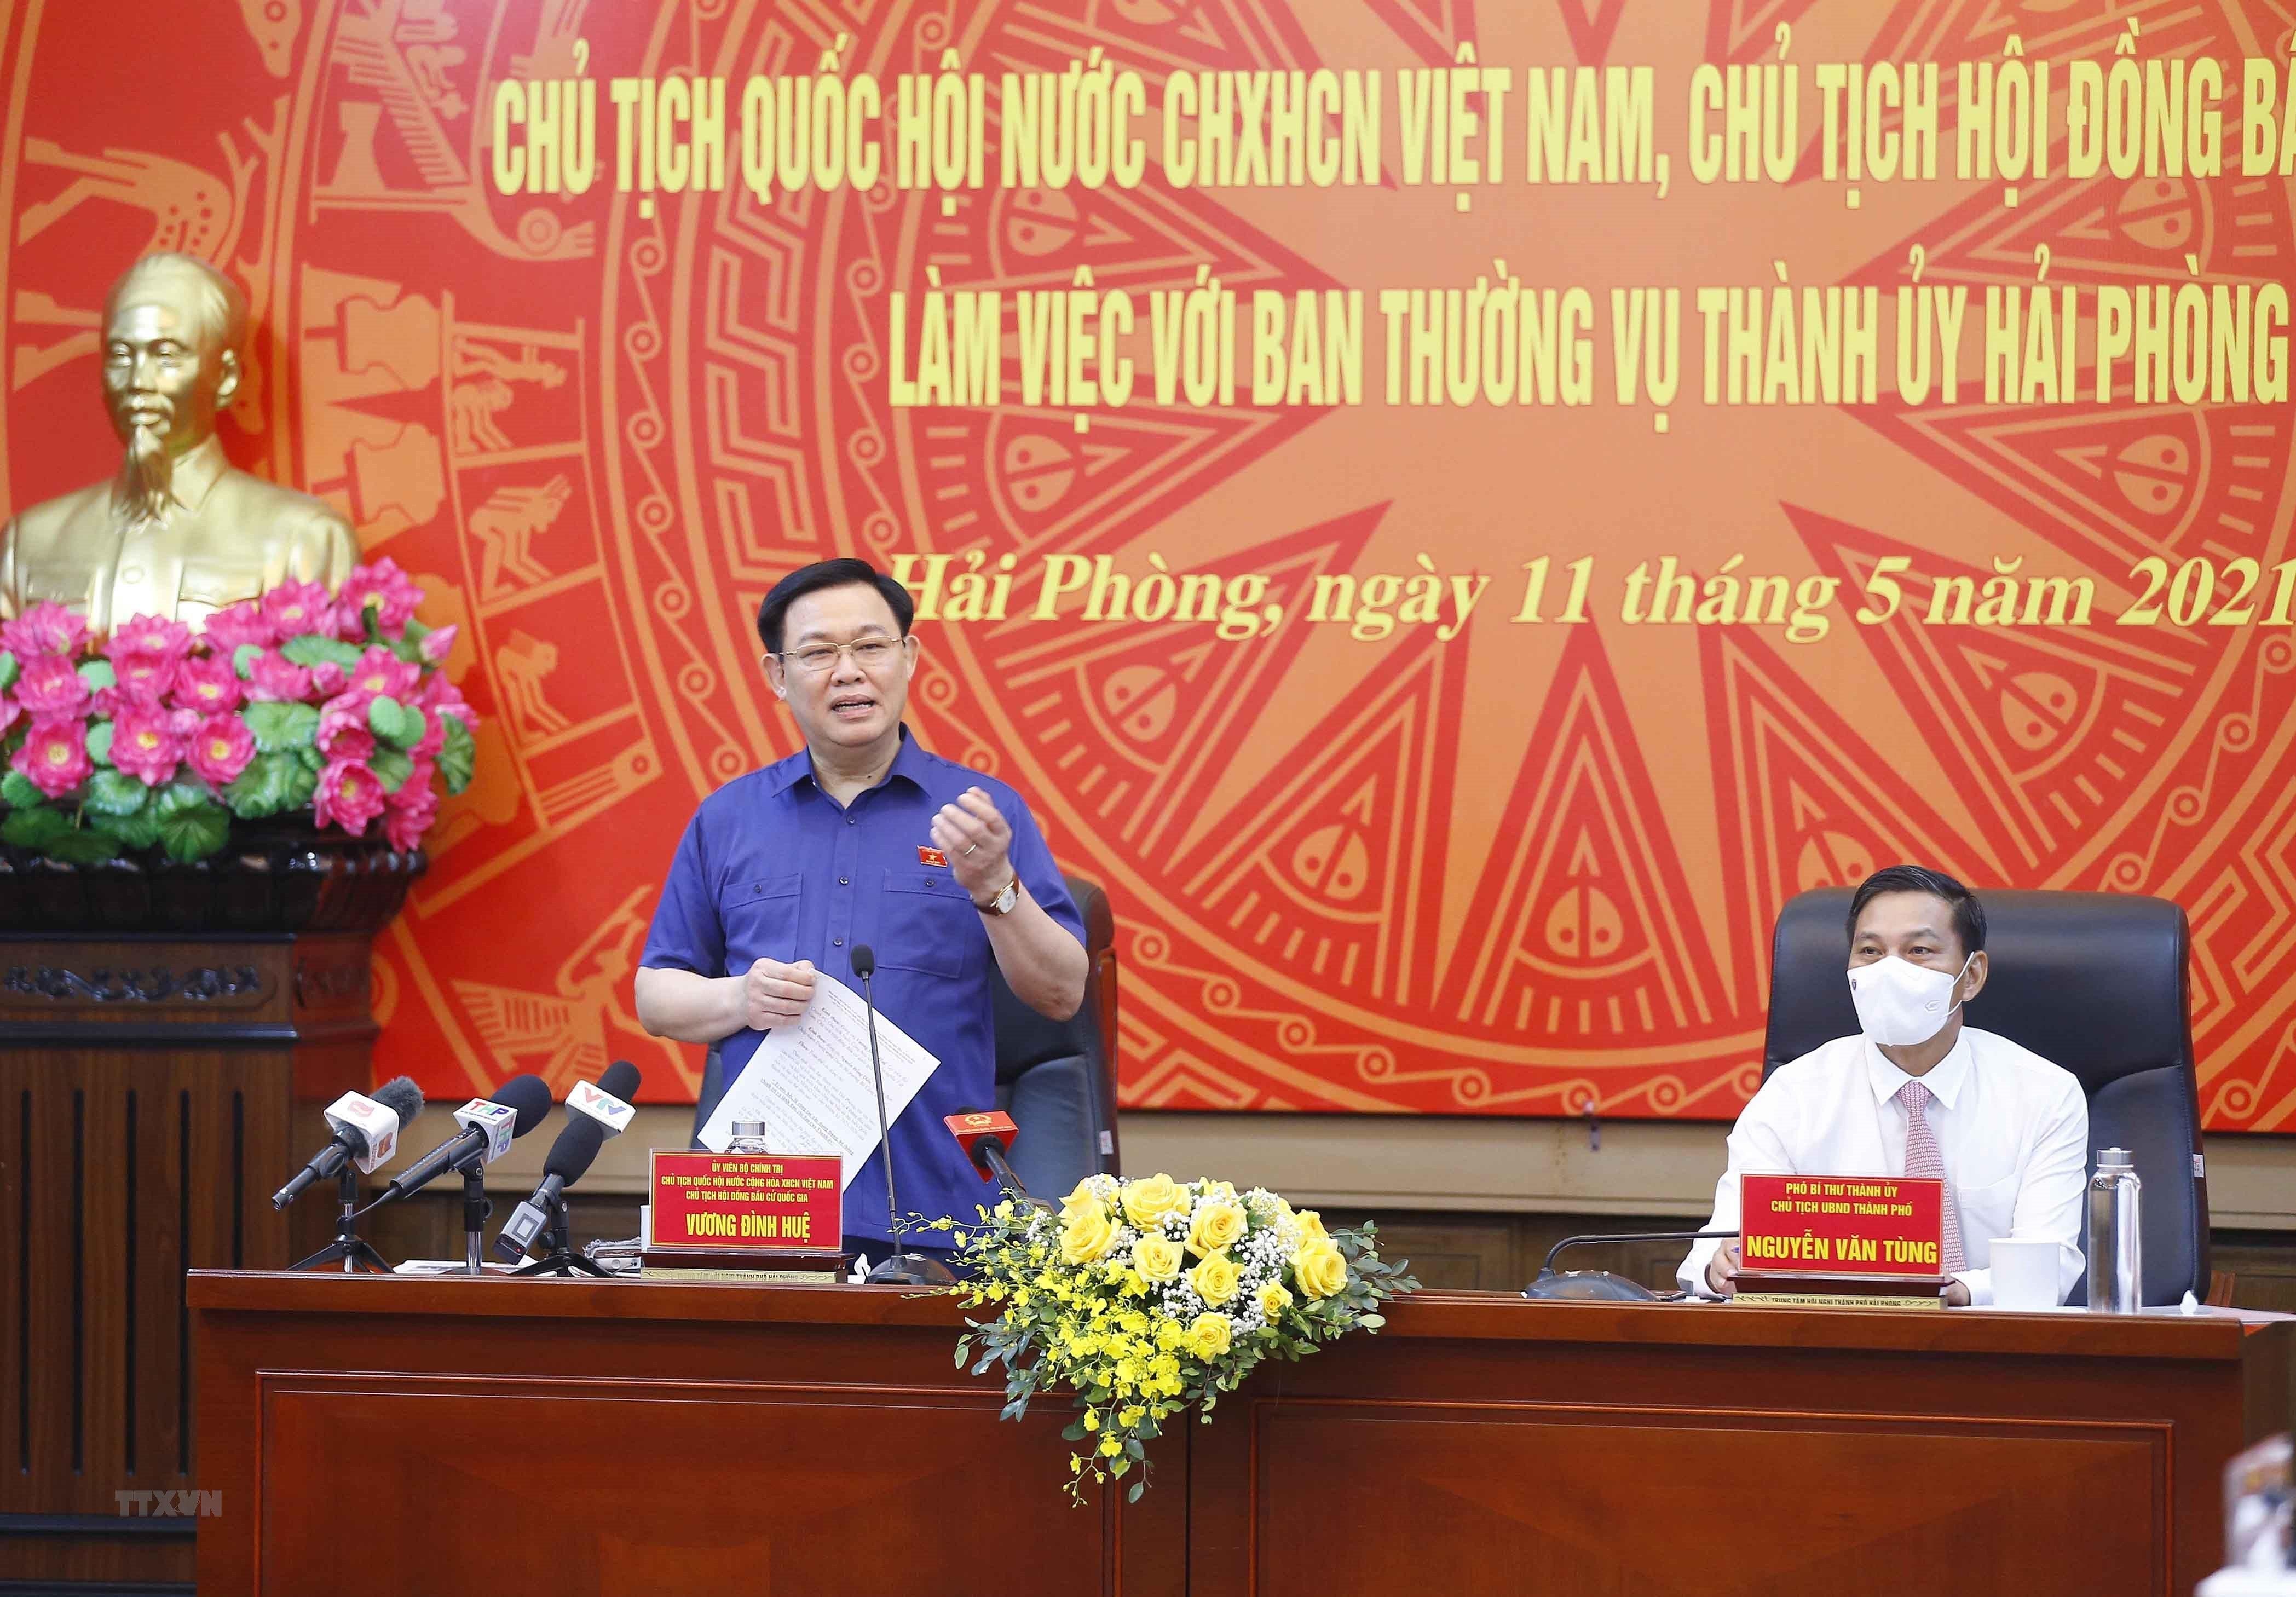 Chu tich Quoc hoi lam viec voi Ban Thuong vu Thanh uy Hai Phong hinh anh 9